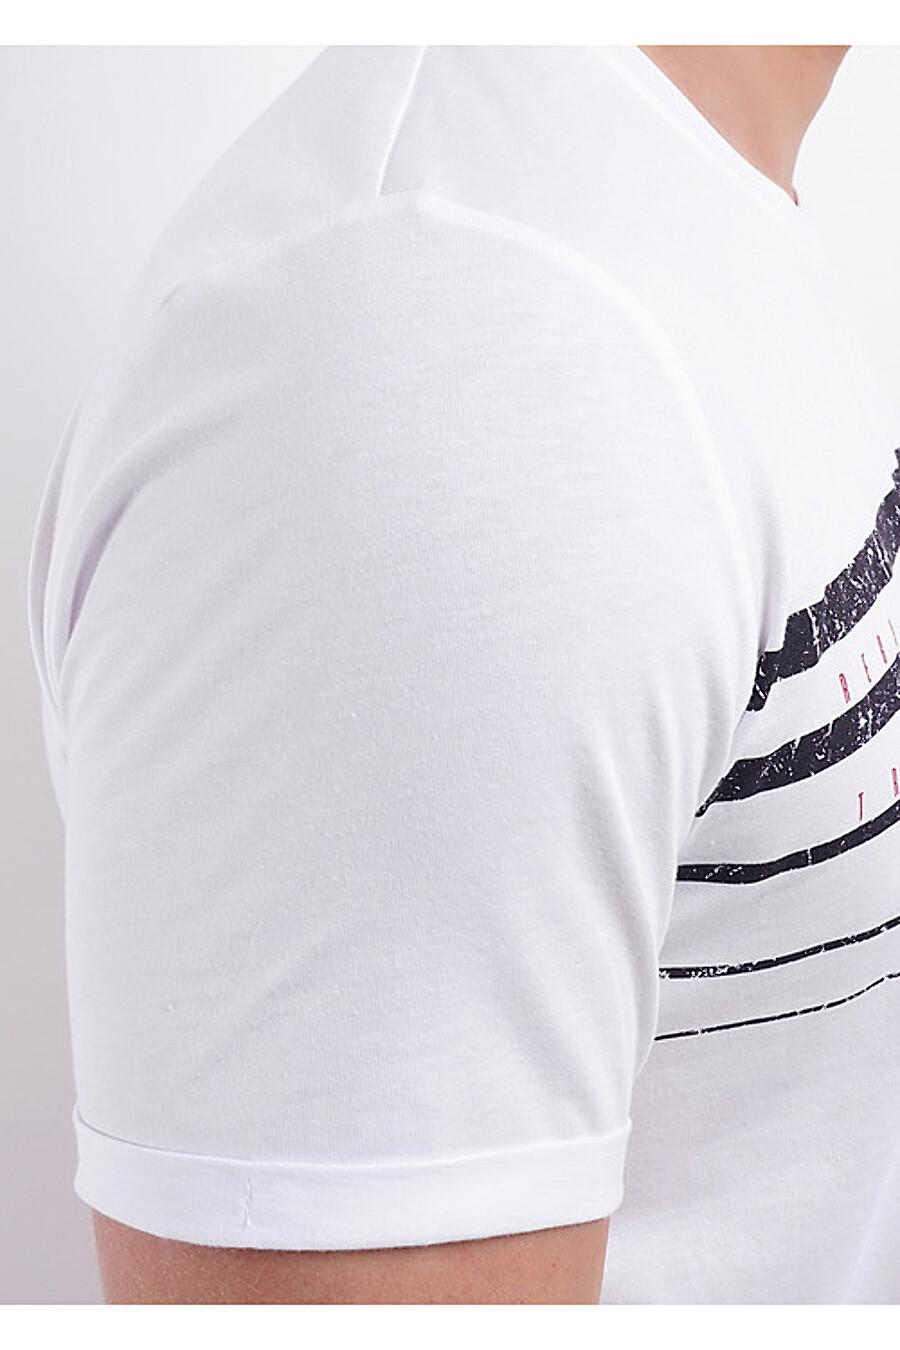 Футболка для мужчин CLEVER 169377 купить оптом от производителя. Совместная покупка мужской одежды в OptMoyo